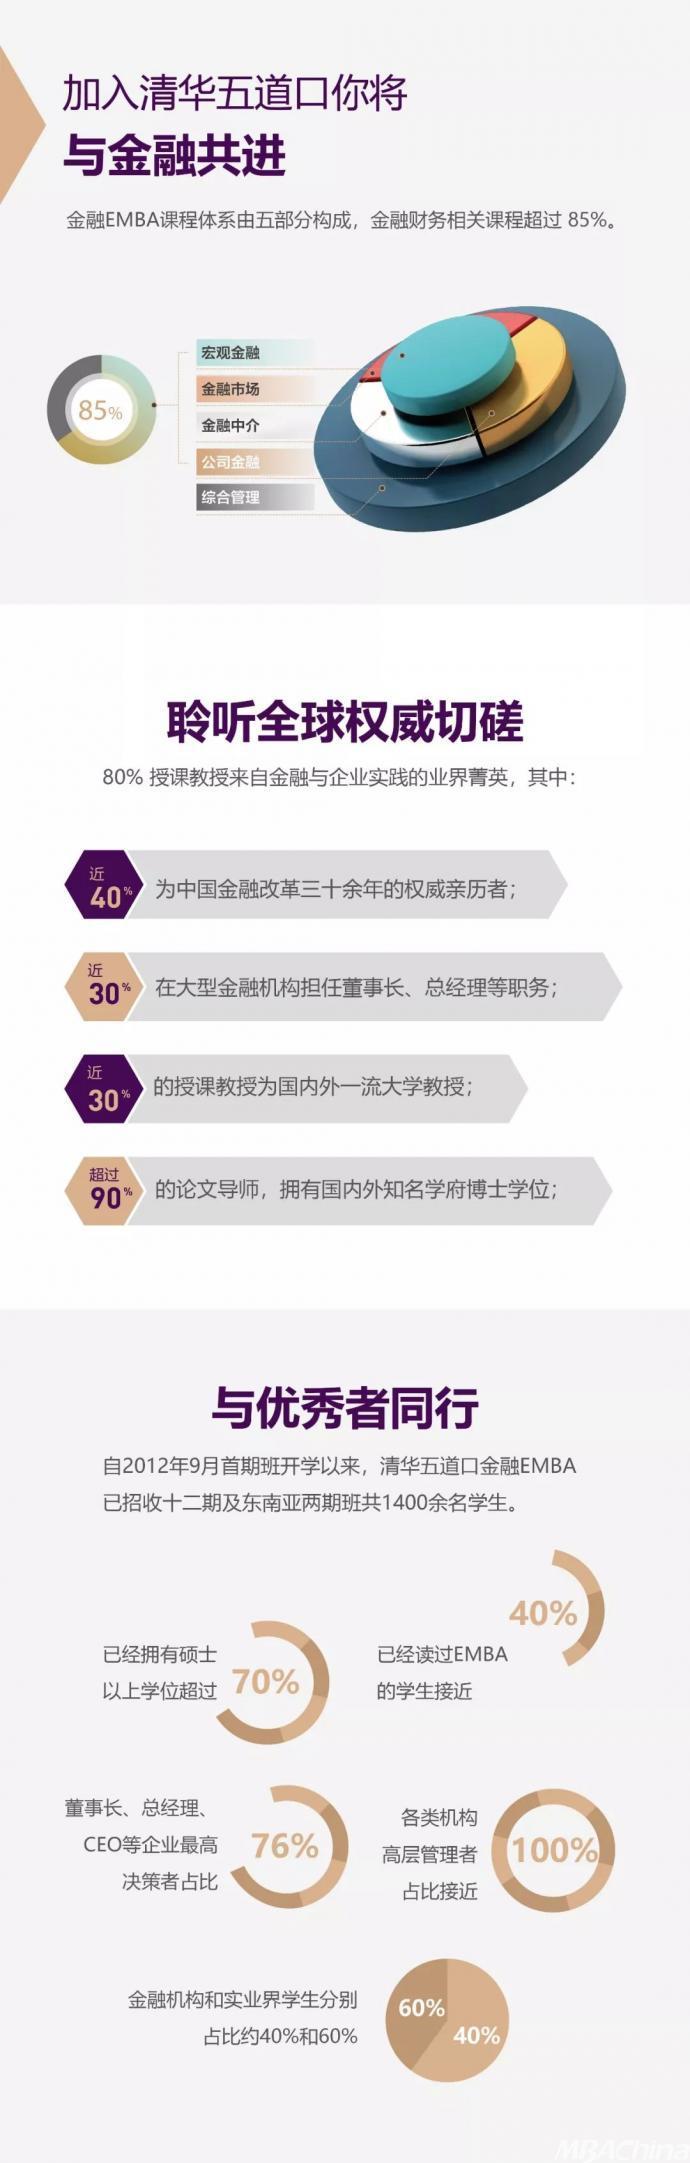 """如何考入""""金融黄埔""""?来金融EMBA2020级招生说明"""